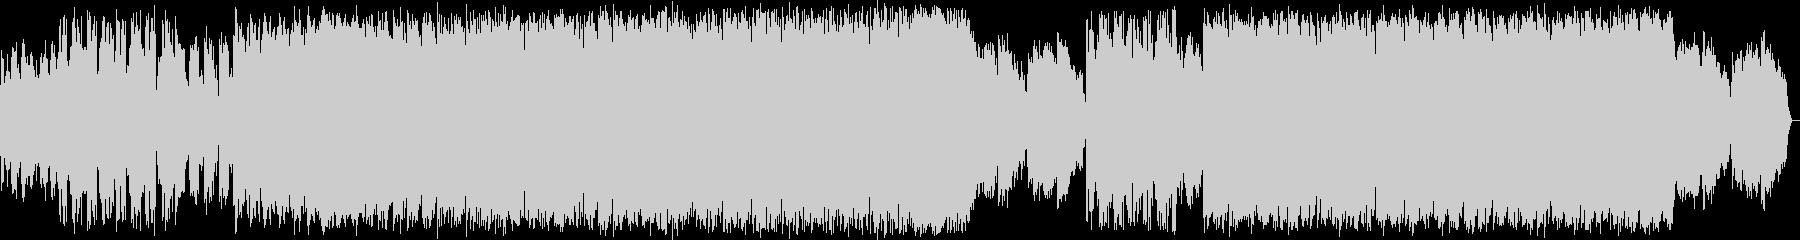 躍動感のあるシンセポップハウス系の未再生の波形